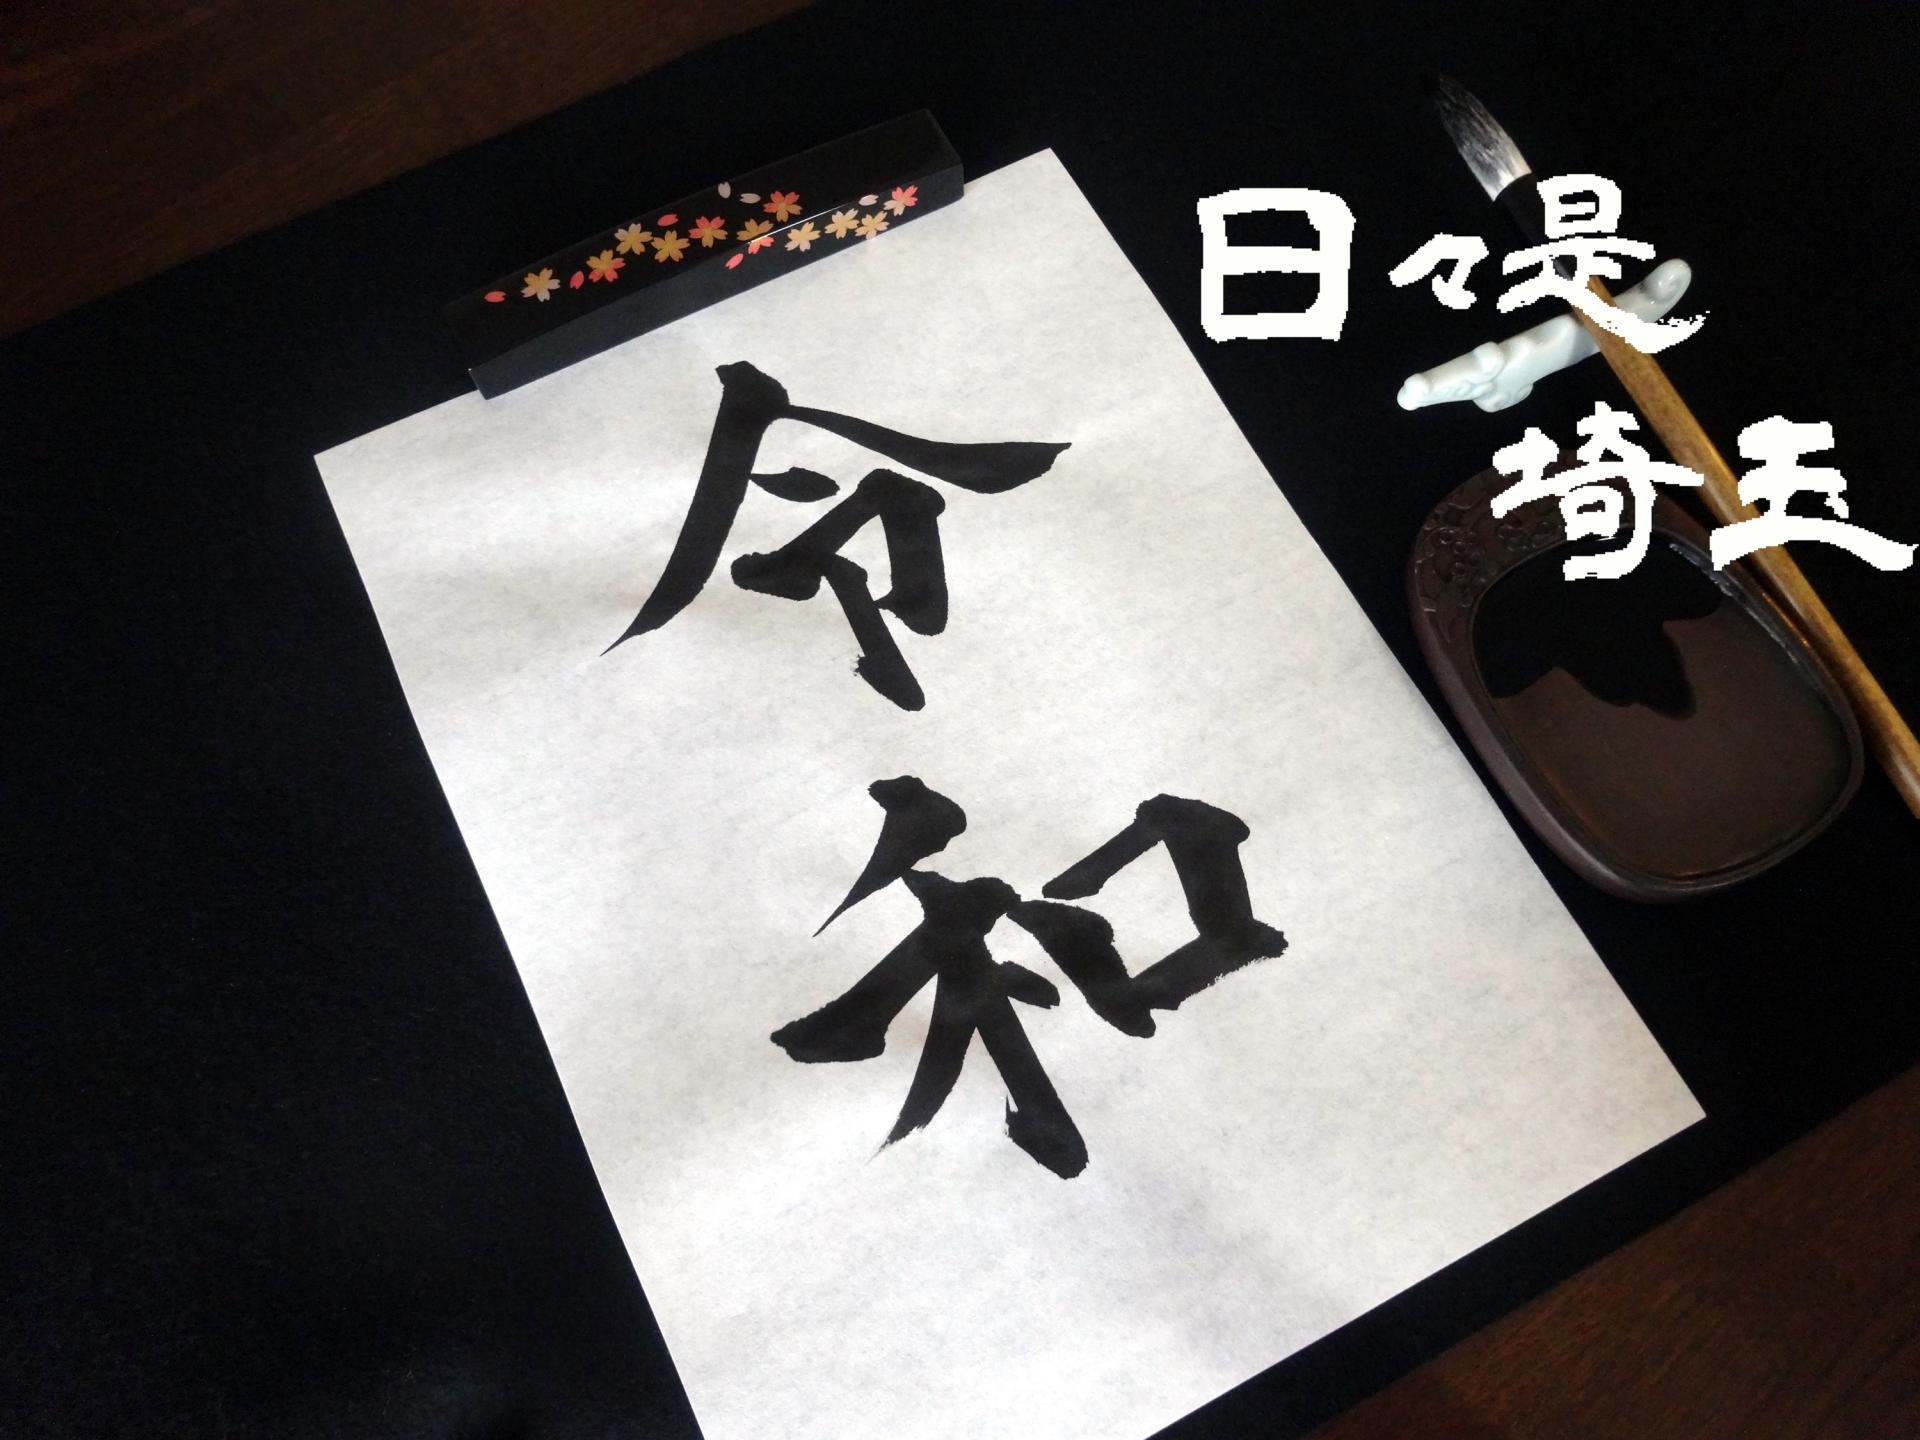 【日々是埼玉 2019/4/26】4割超が「影響あり」ー改元に関する埼玉県企業意識調査から